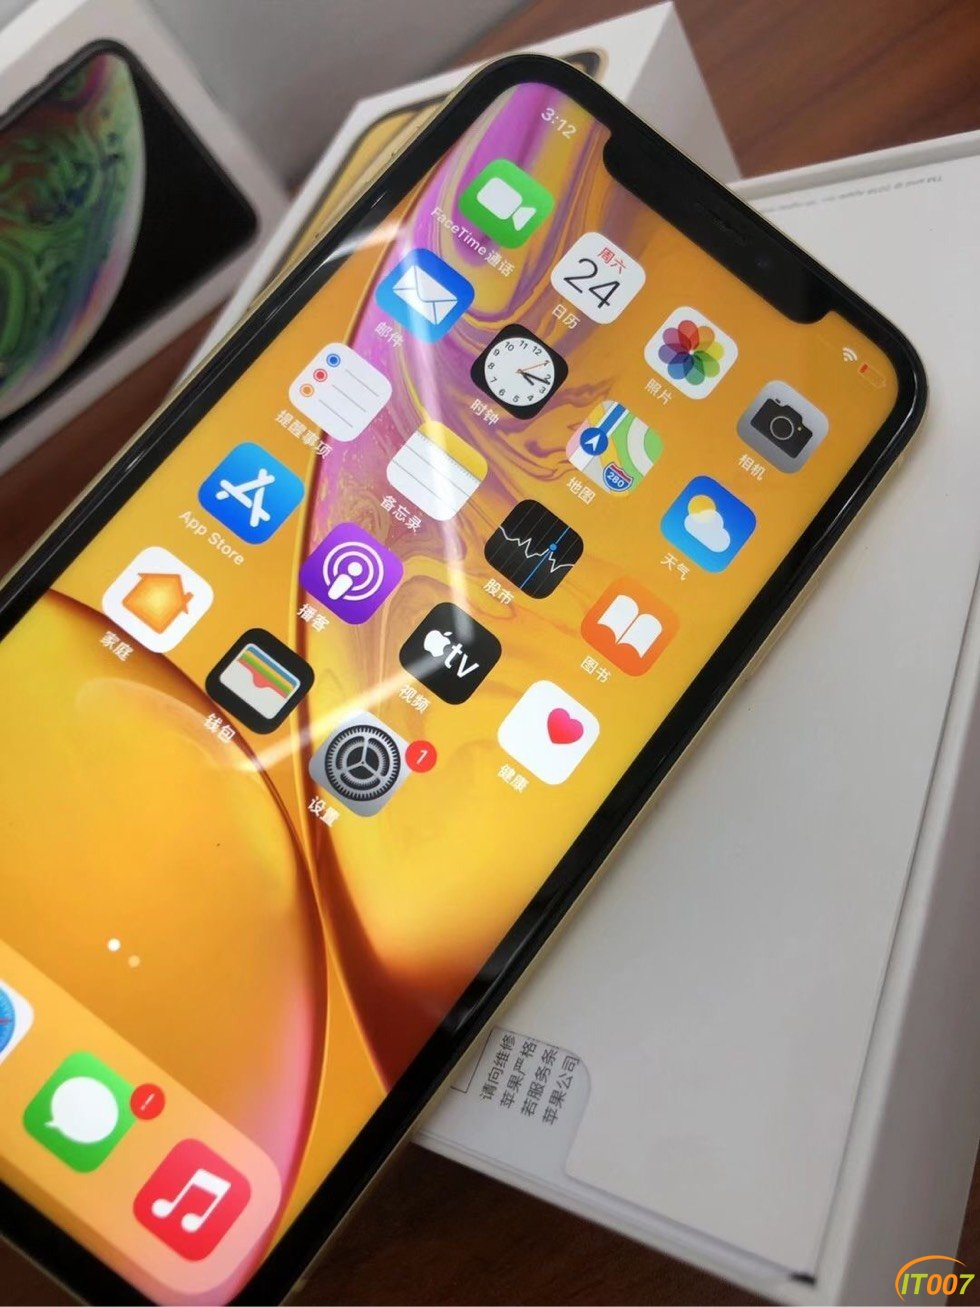 2999,极品iphoneXr/128G国行三网稀奇色,功能完美